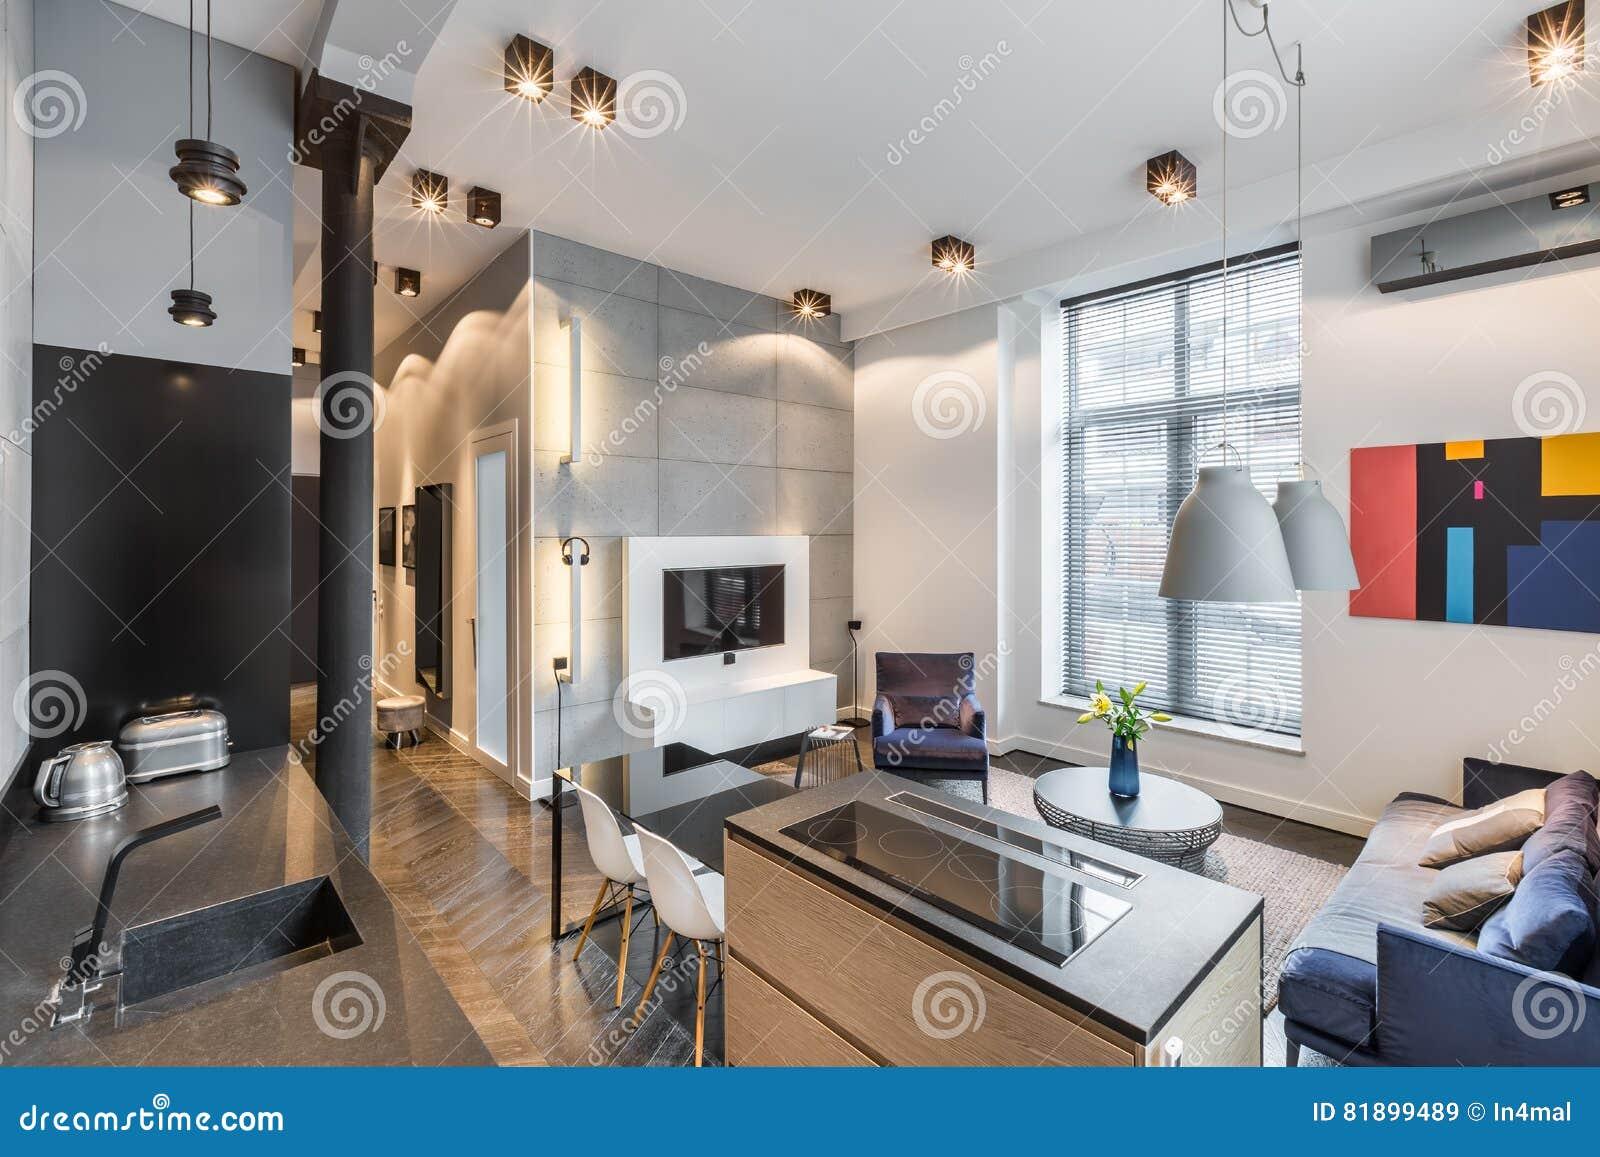 Kuche Offen Zum Wohnzimmer Stockbild Bild Von Couch 81899489